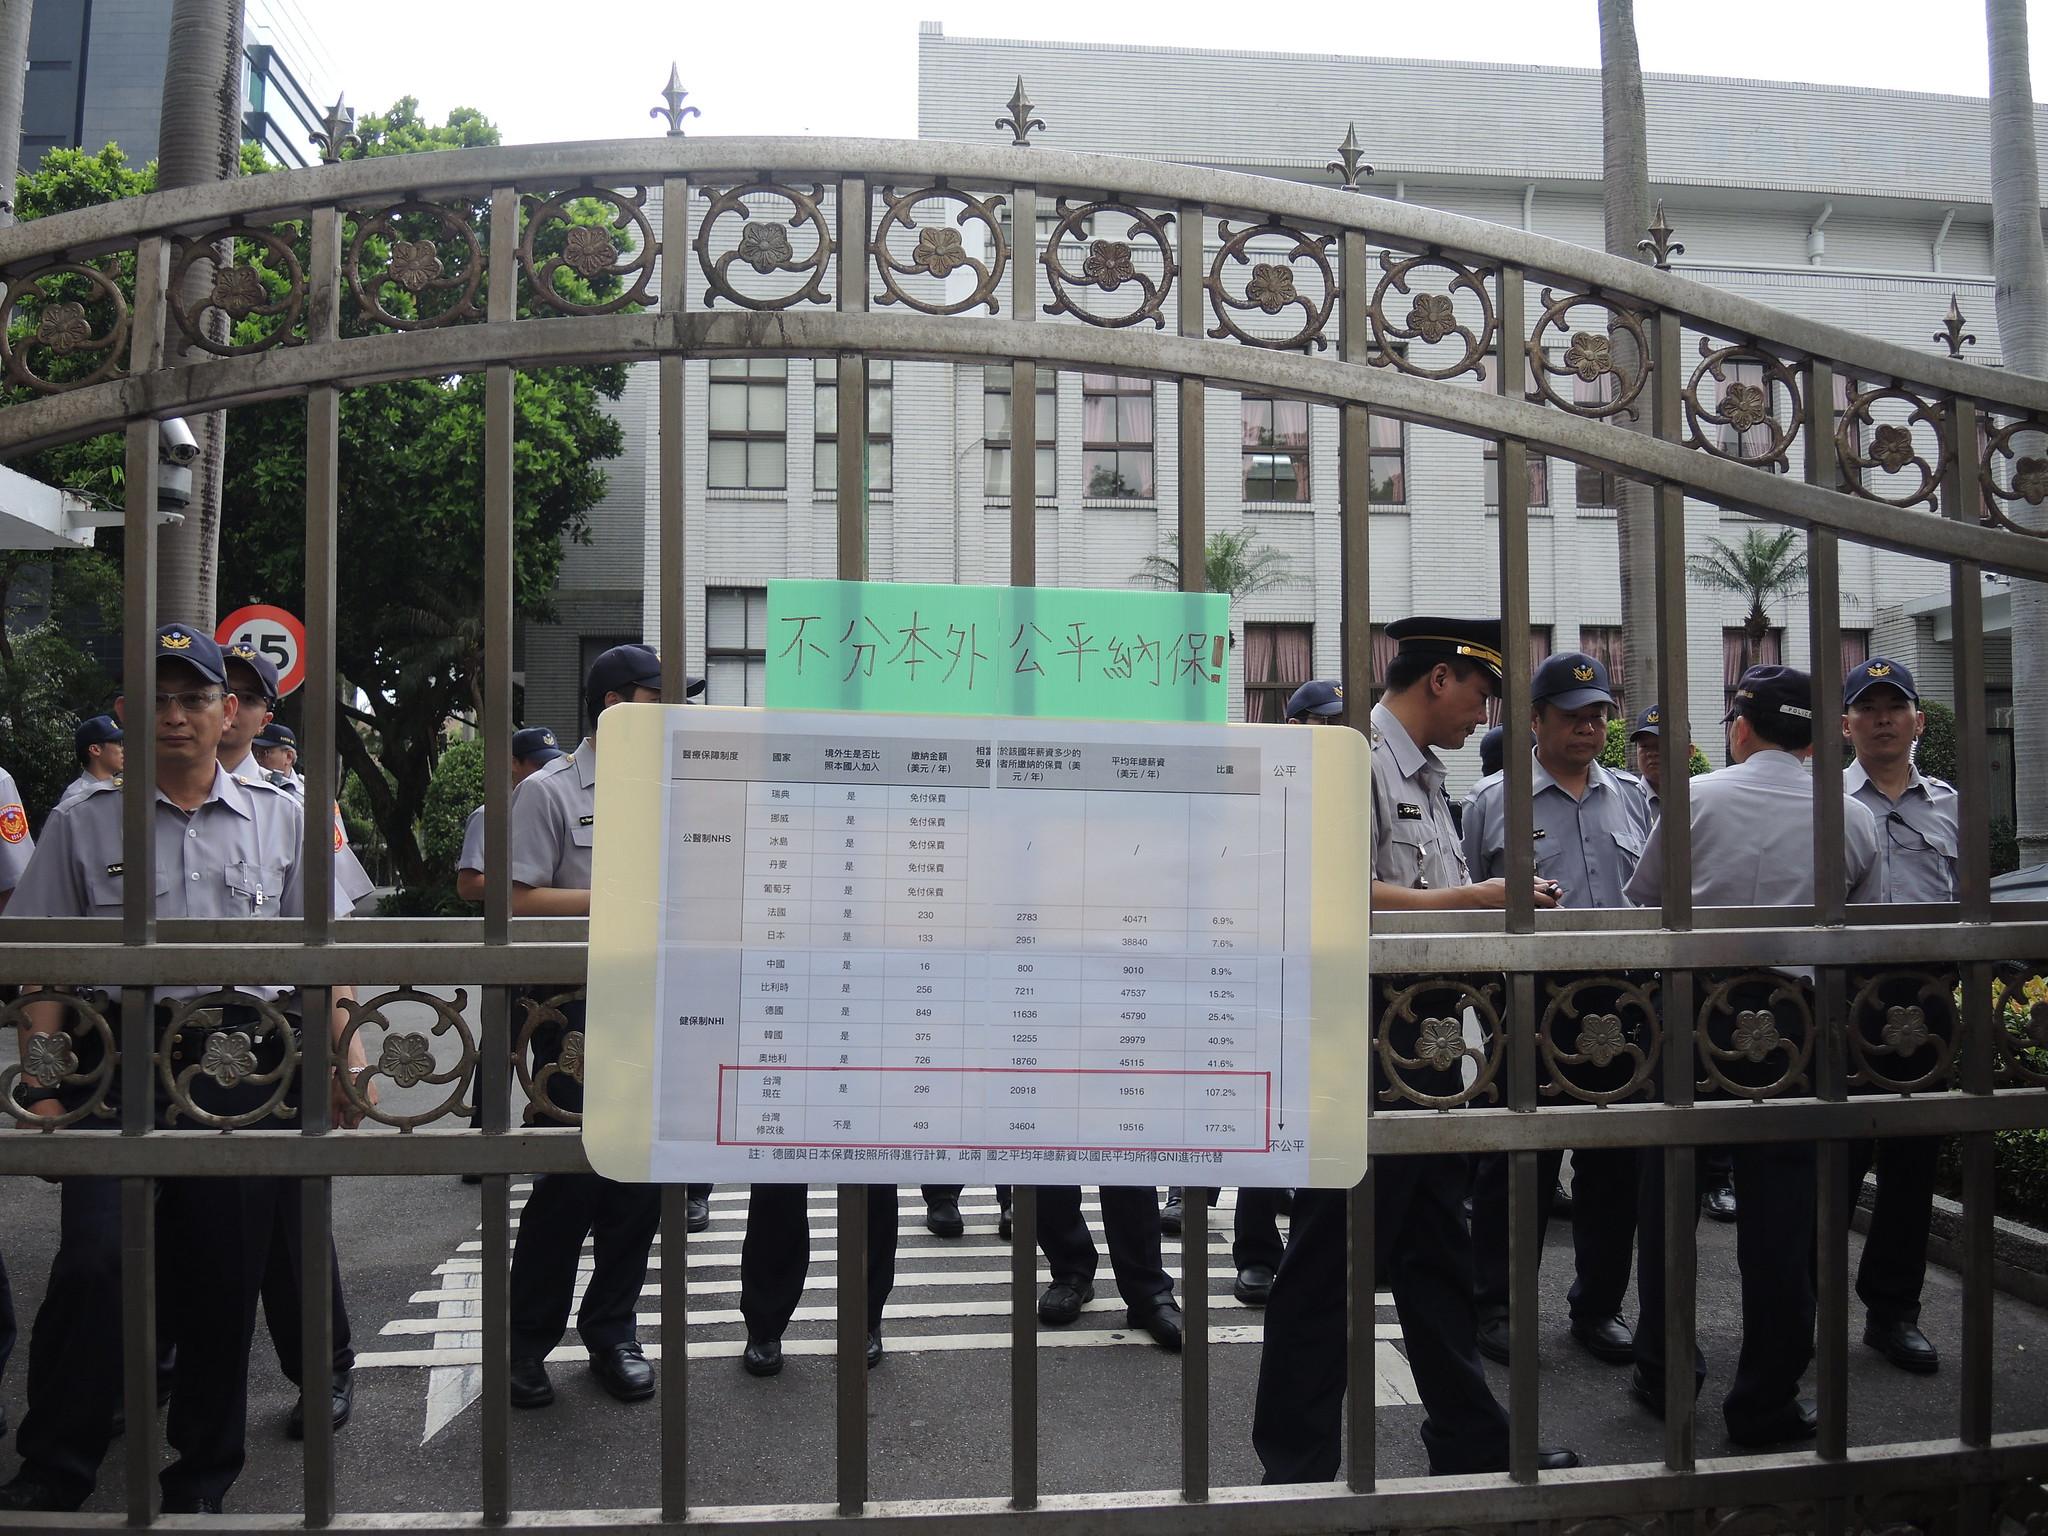 抗議團體將各國比較健保費率的圖表貼在立法院大門,請立委參考各國標準制定法令。(攝影:曾福全)